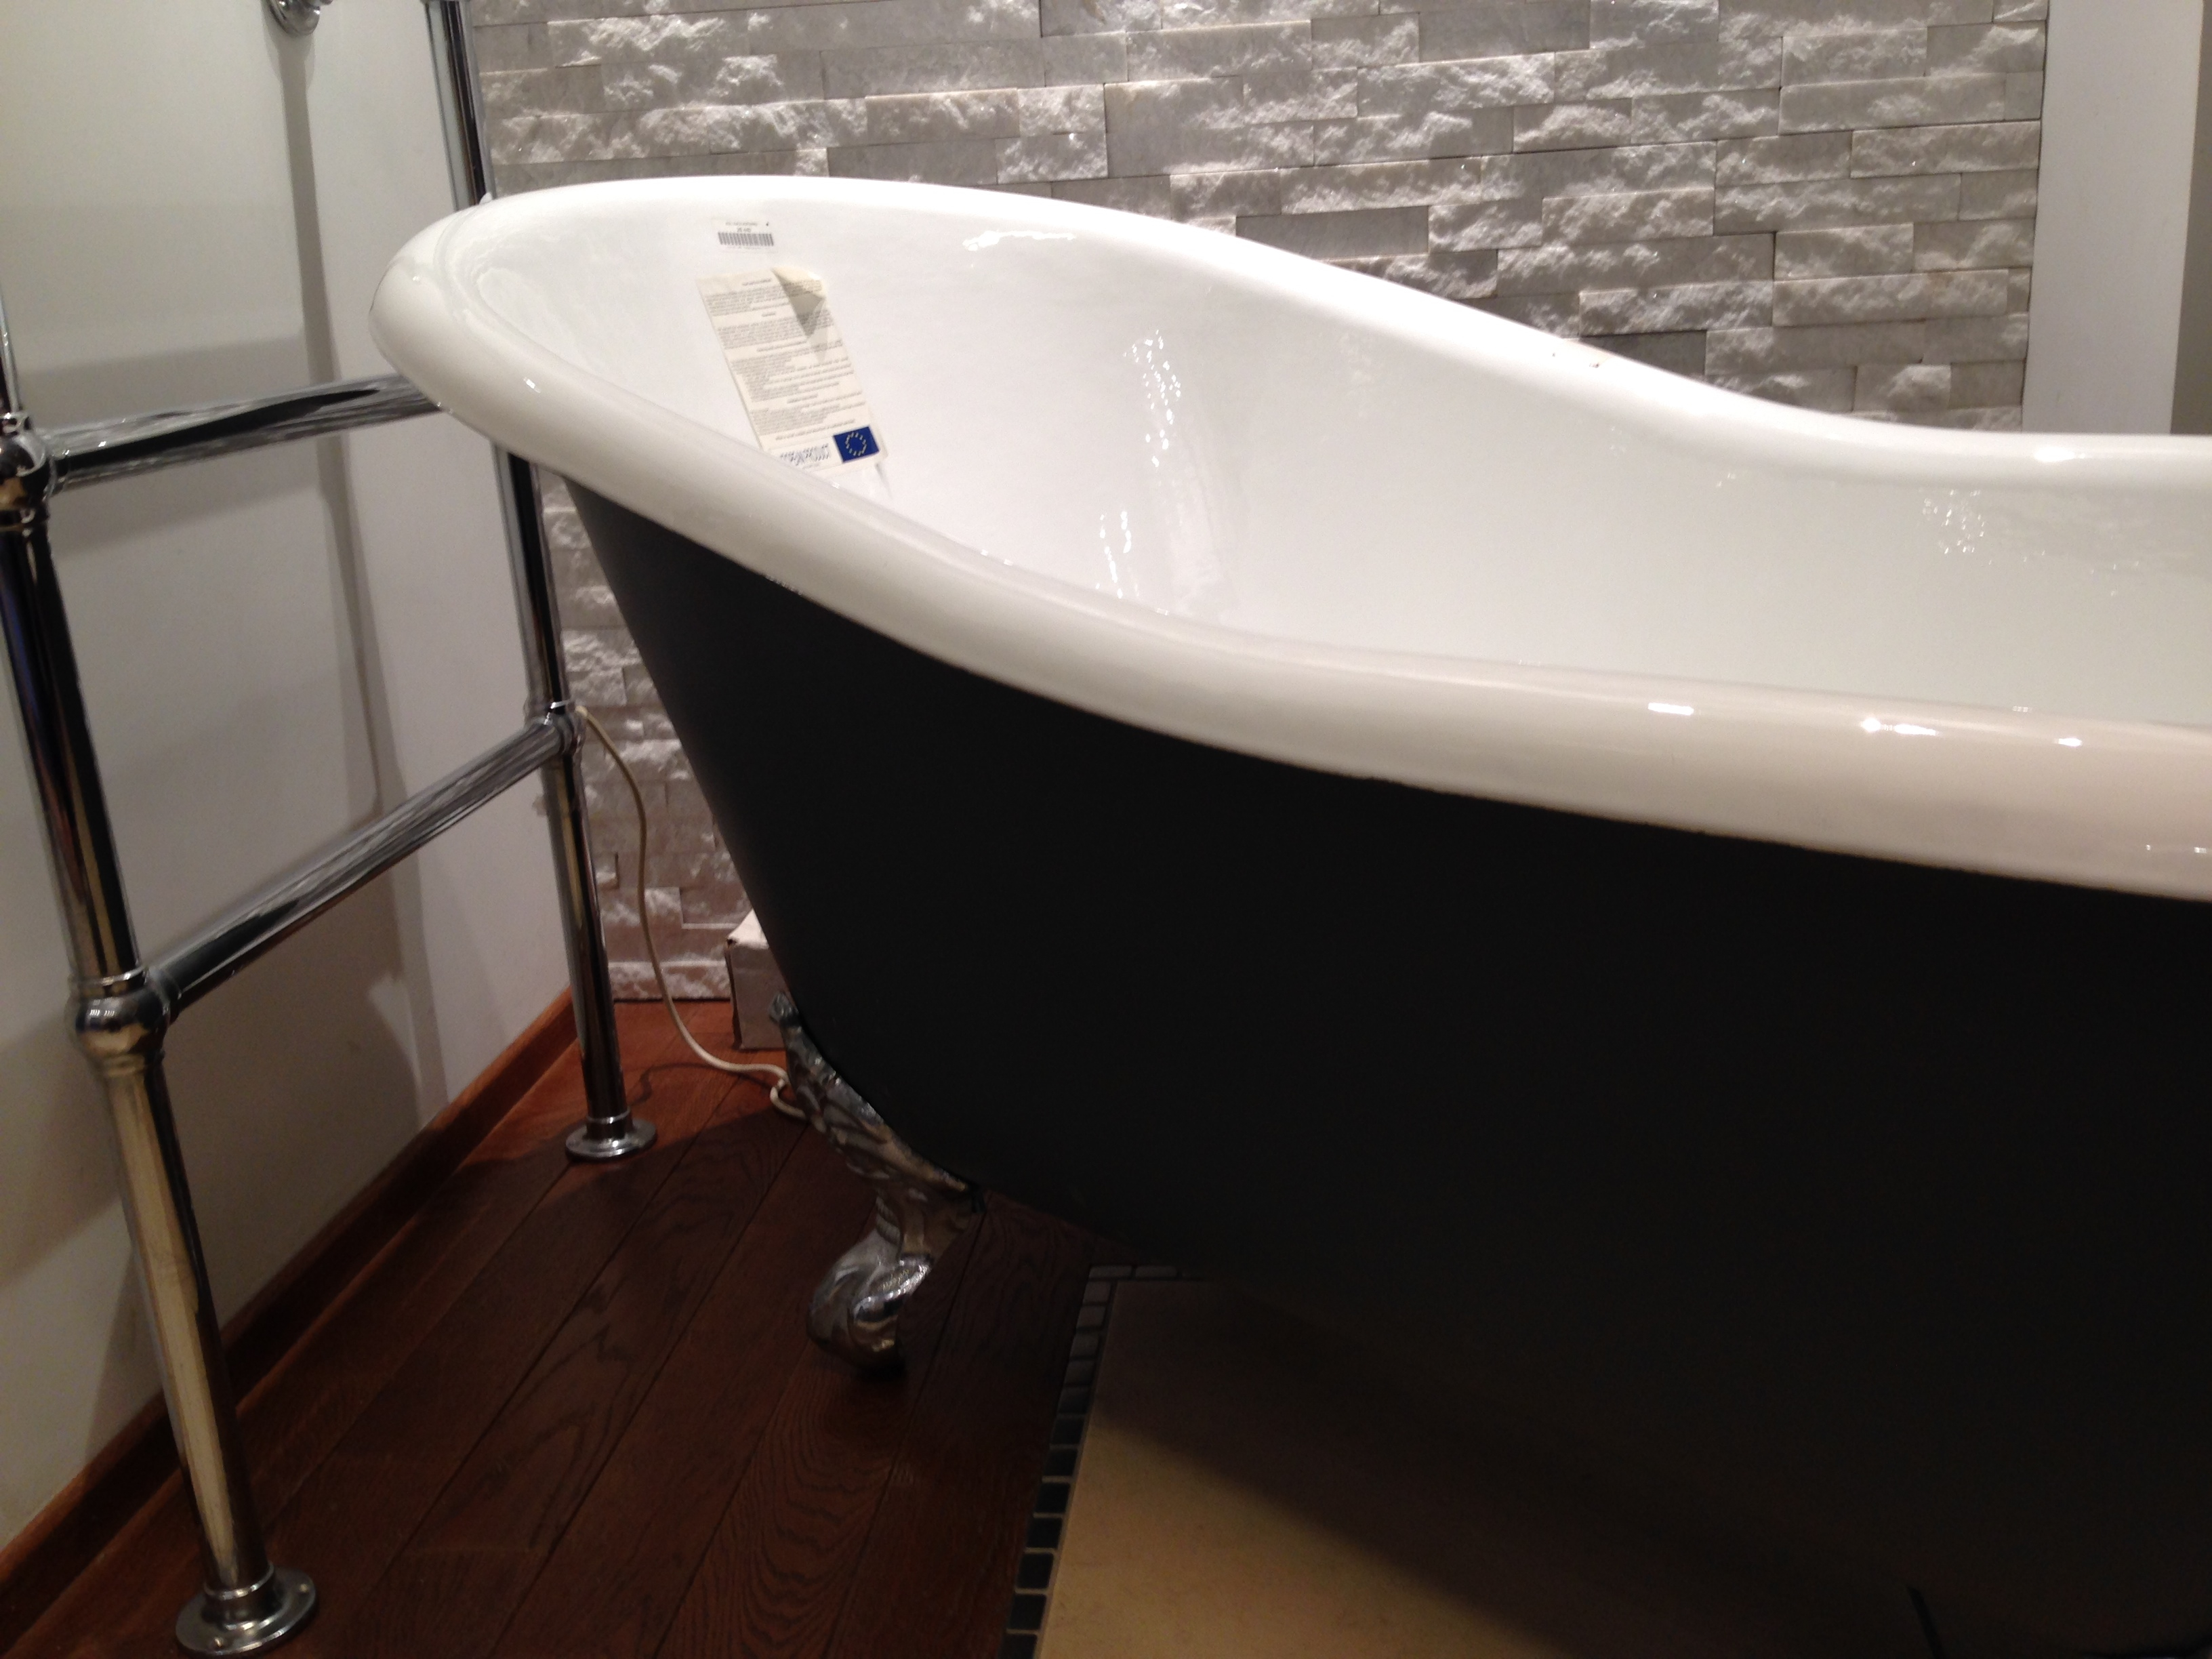 Vasca gaia in offerta arredo bagno a prezzi scontati - Gaia mobili bagno prezzi ...